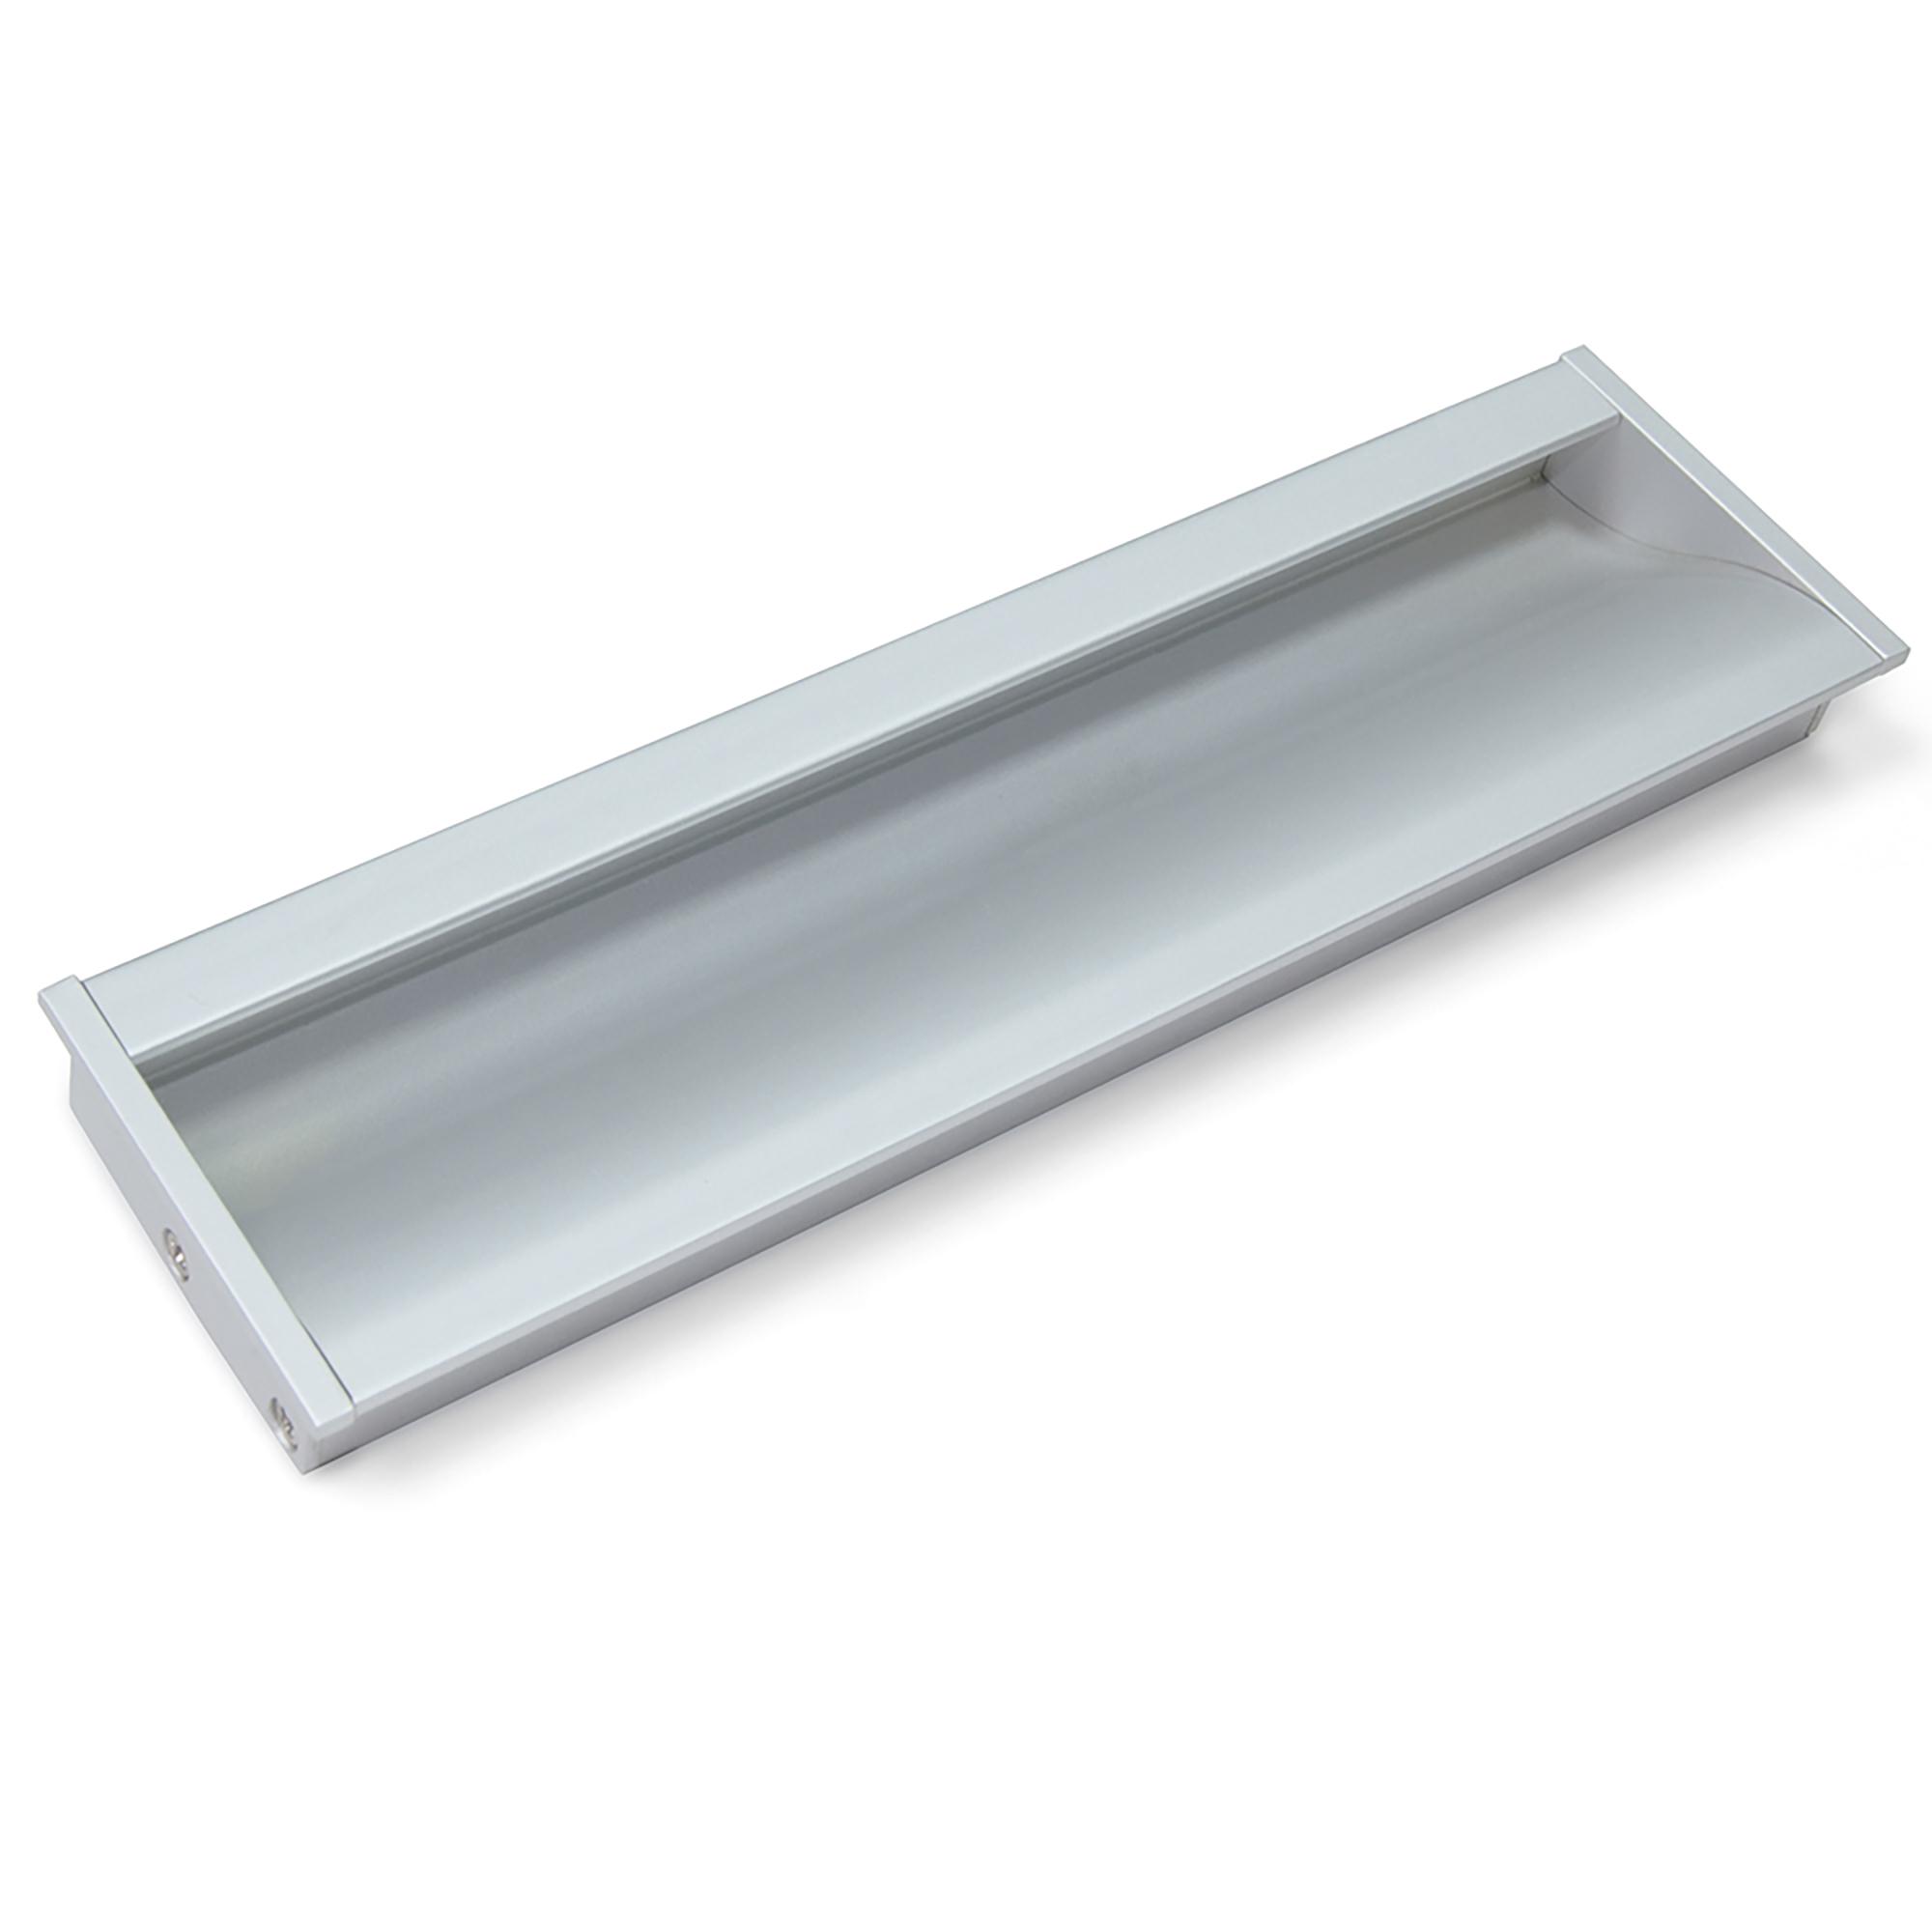 Emuca Maniglie per mobile, interasse 160 mm, Alluminio, Anodizzato opaco